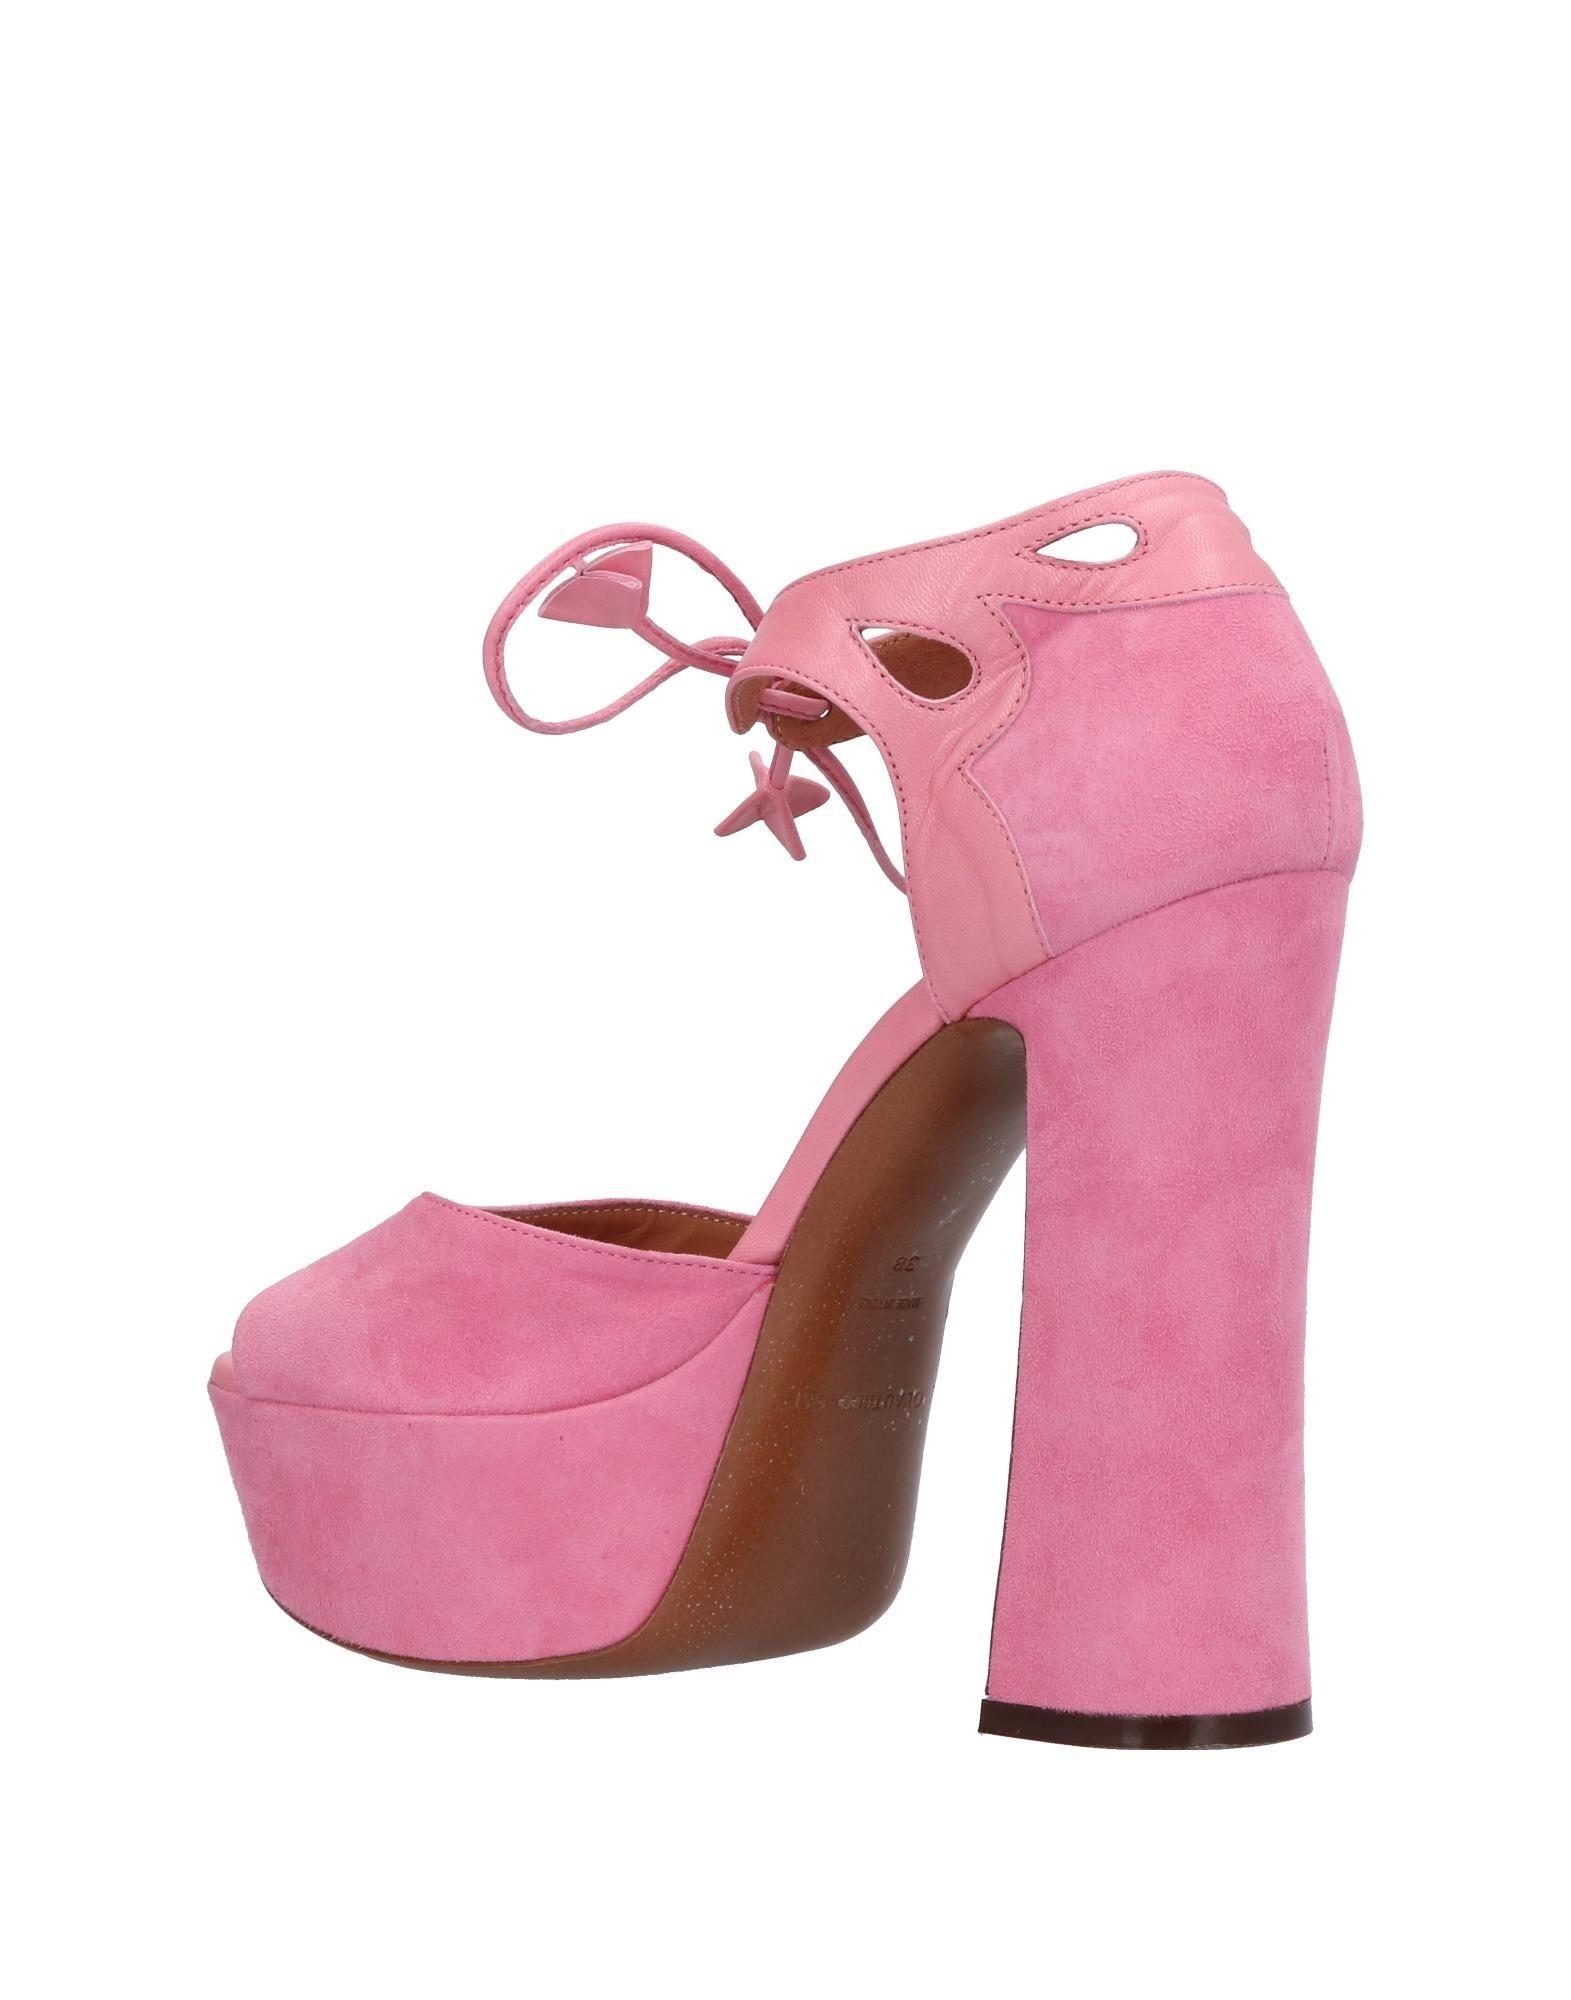 Klassischer Gutes Stil-3368,L' Butre Chose Sandalen Damen Gutes Klassischer Preis-Leistungs-Verhältnis, es lohnt sich 090ce6